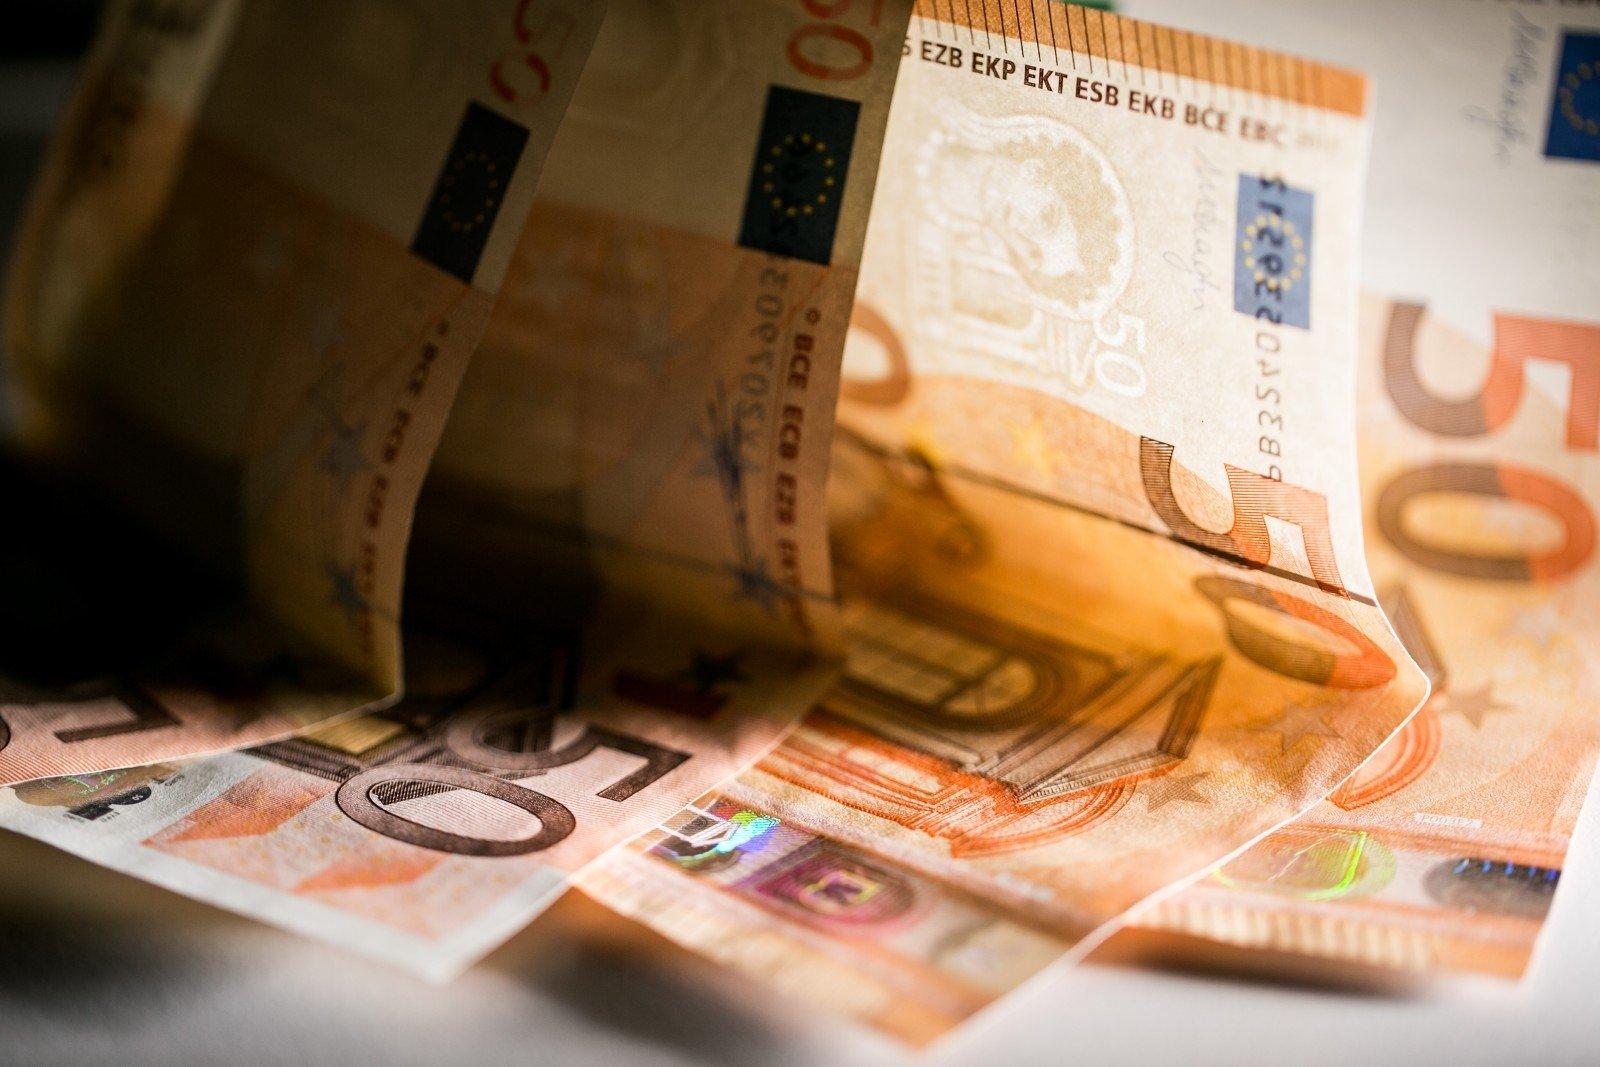 Kaip Uždirbti Pinigus Žaibo Tinkle, Kaip užsidirbti pinigų